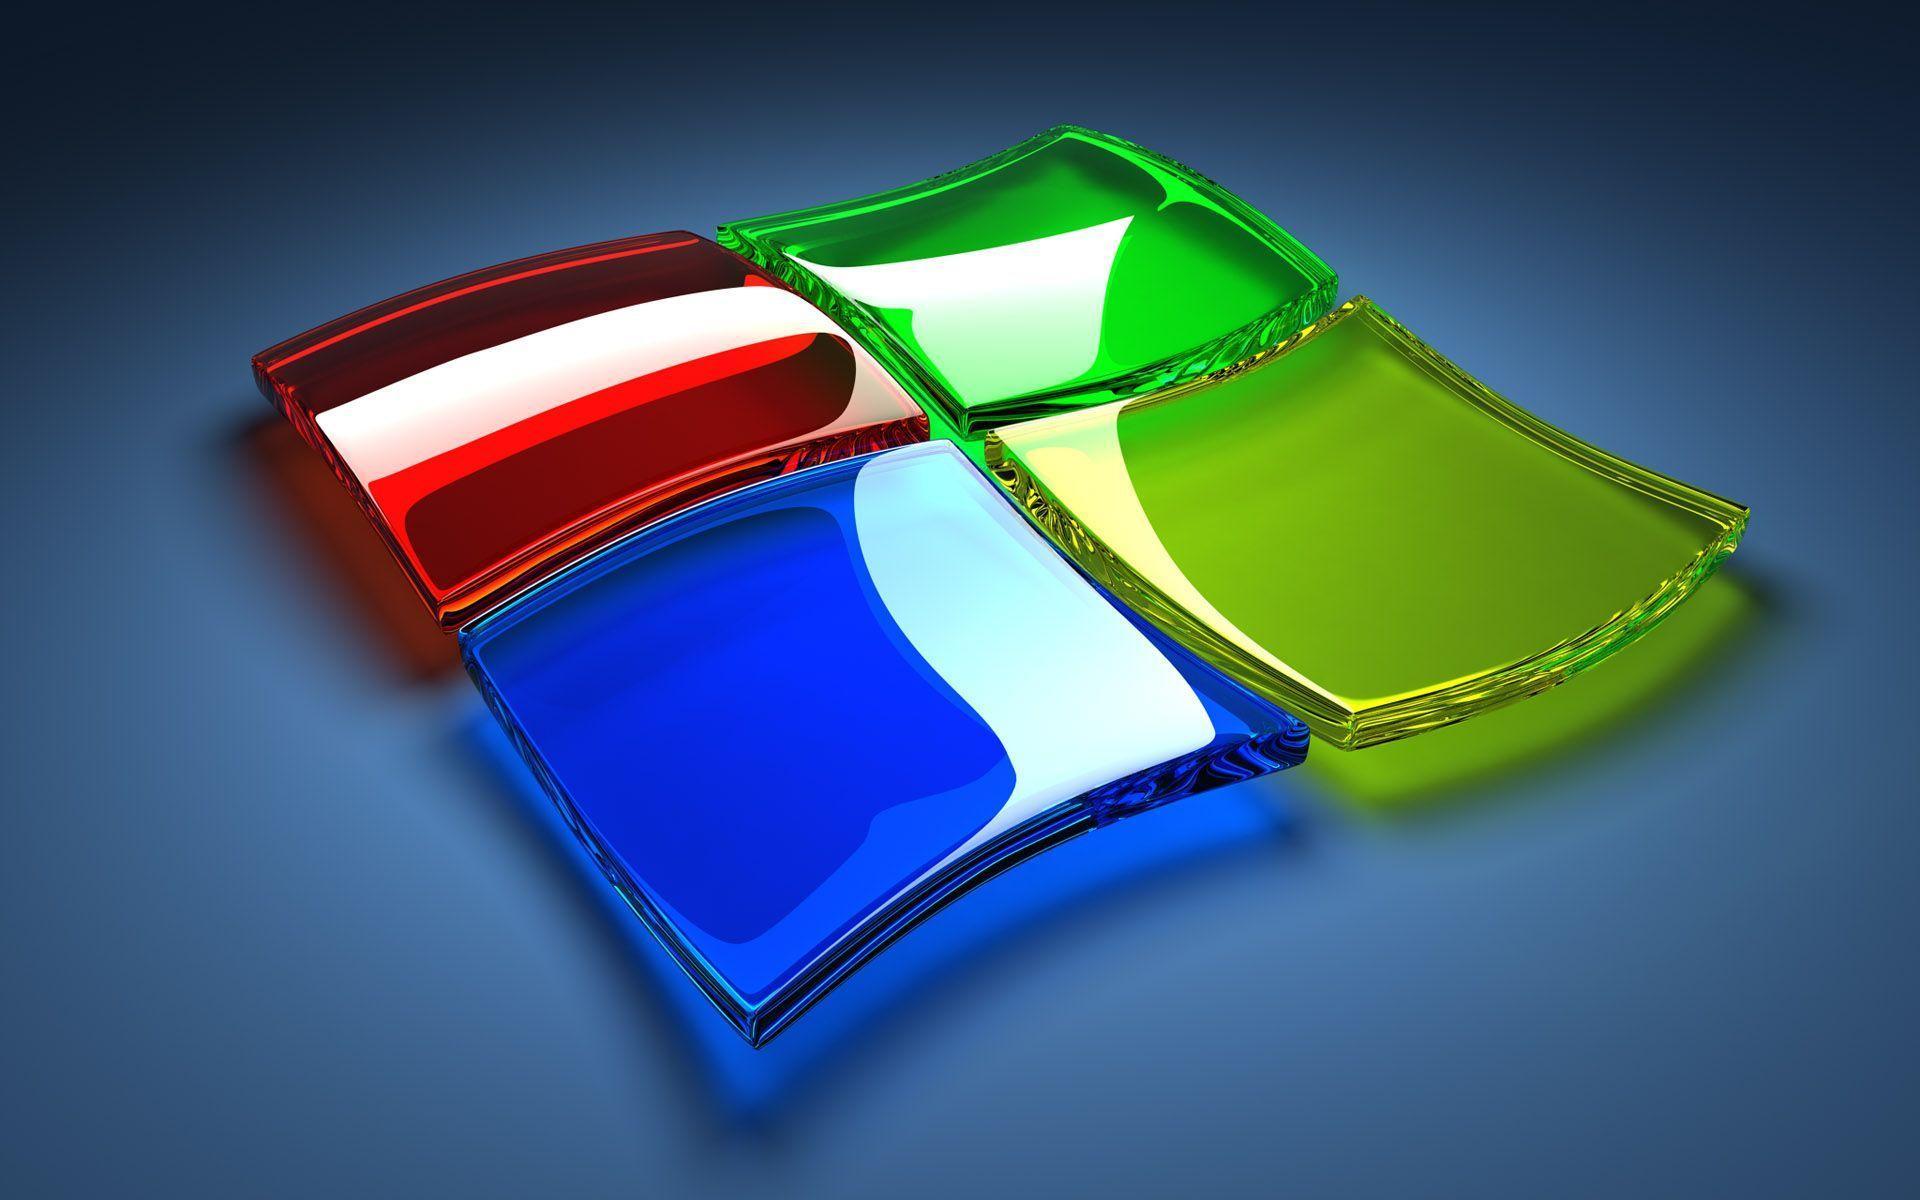 Coole Desktop Hintergrundbilder 3d